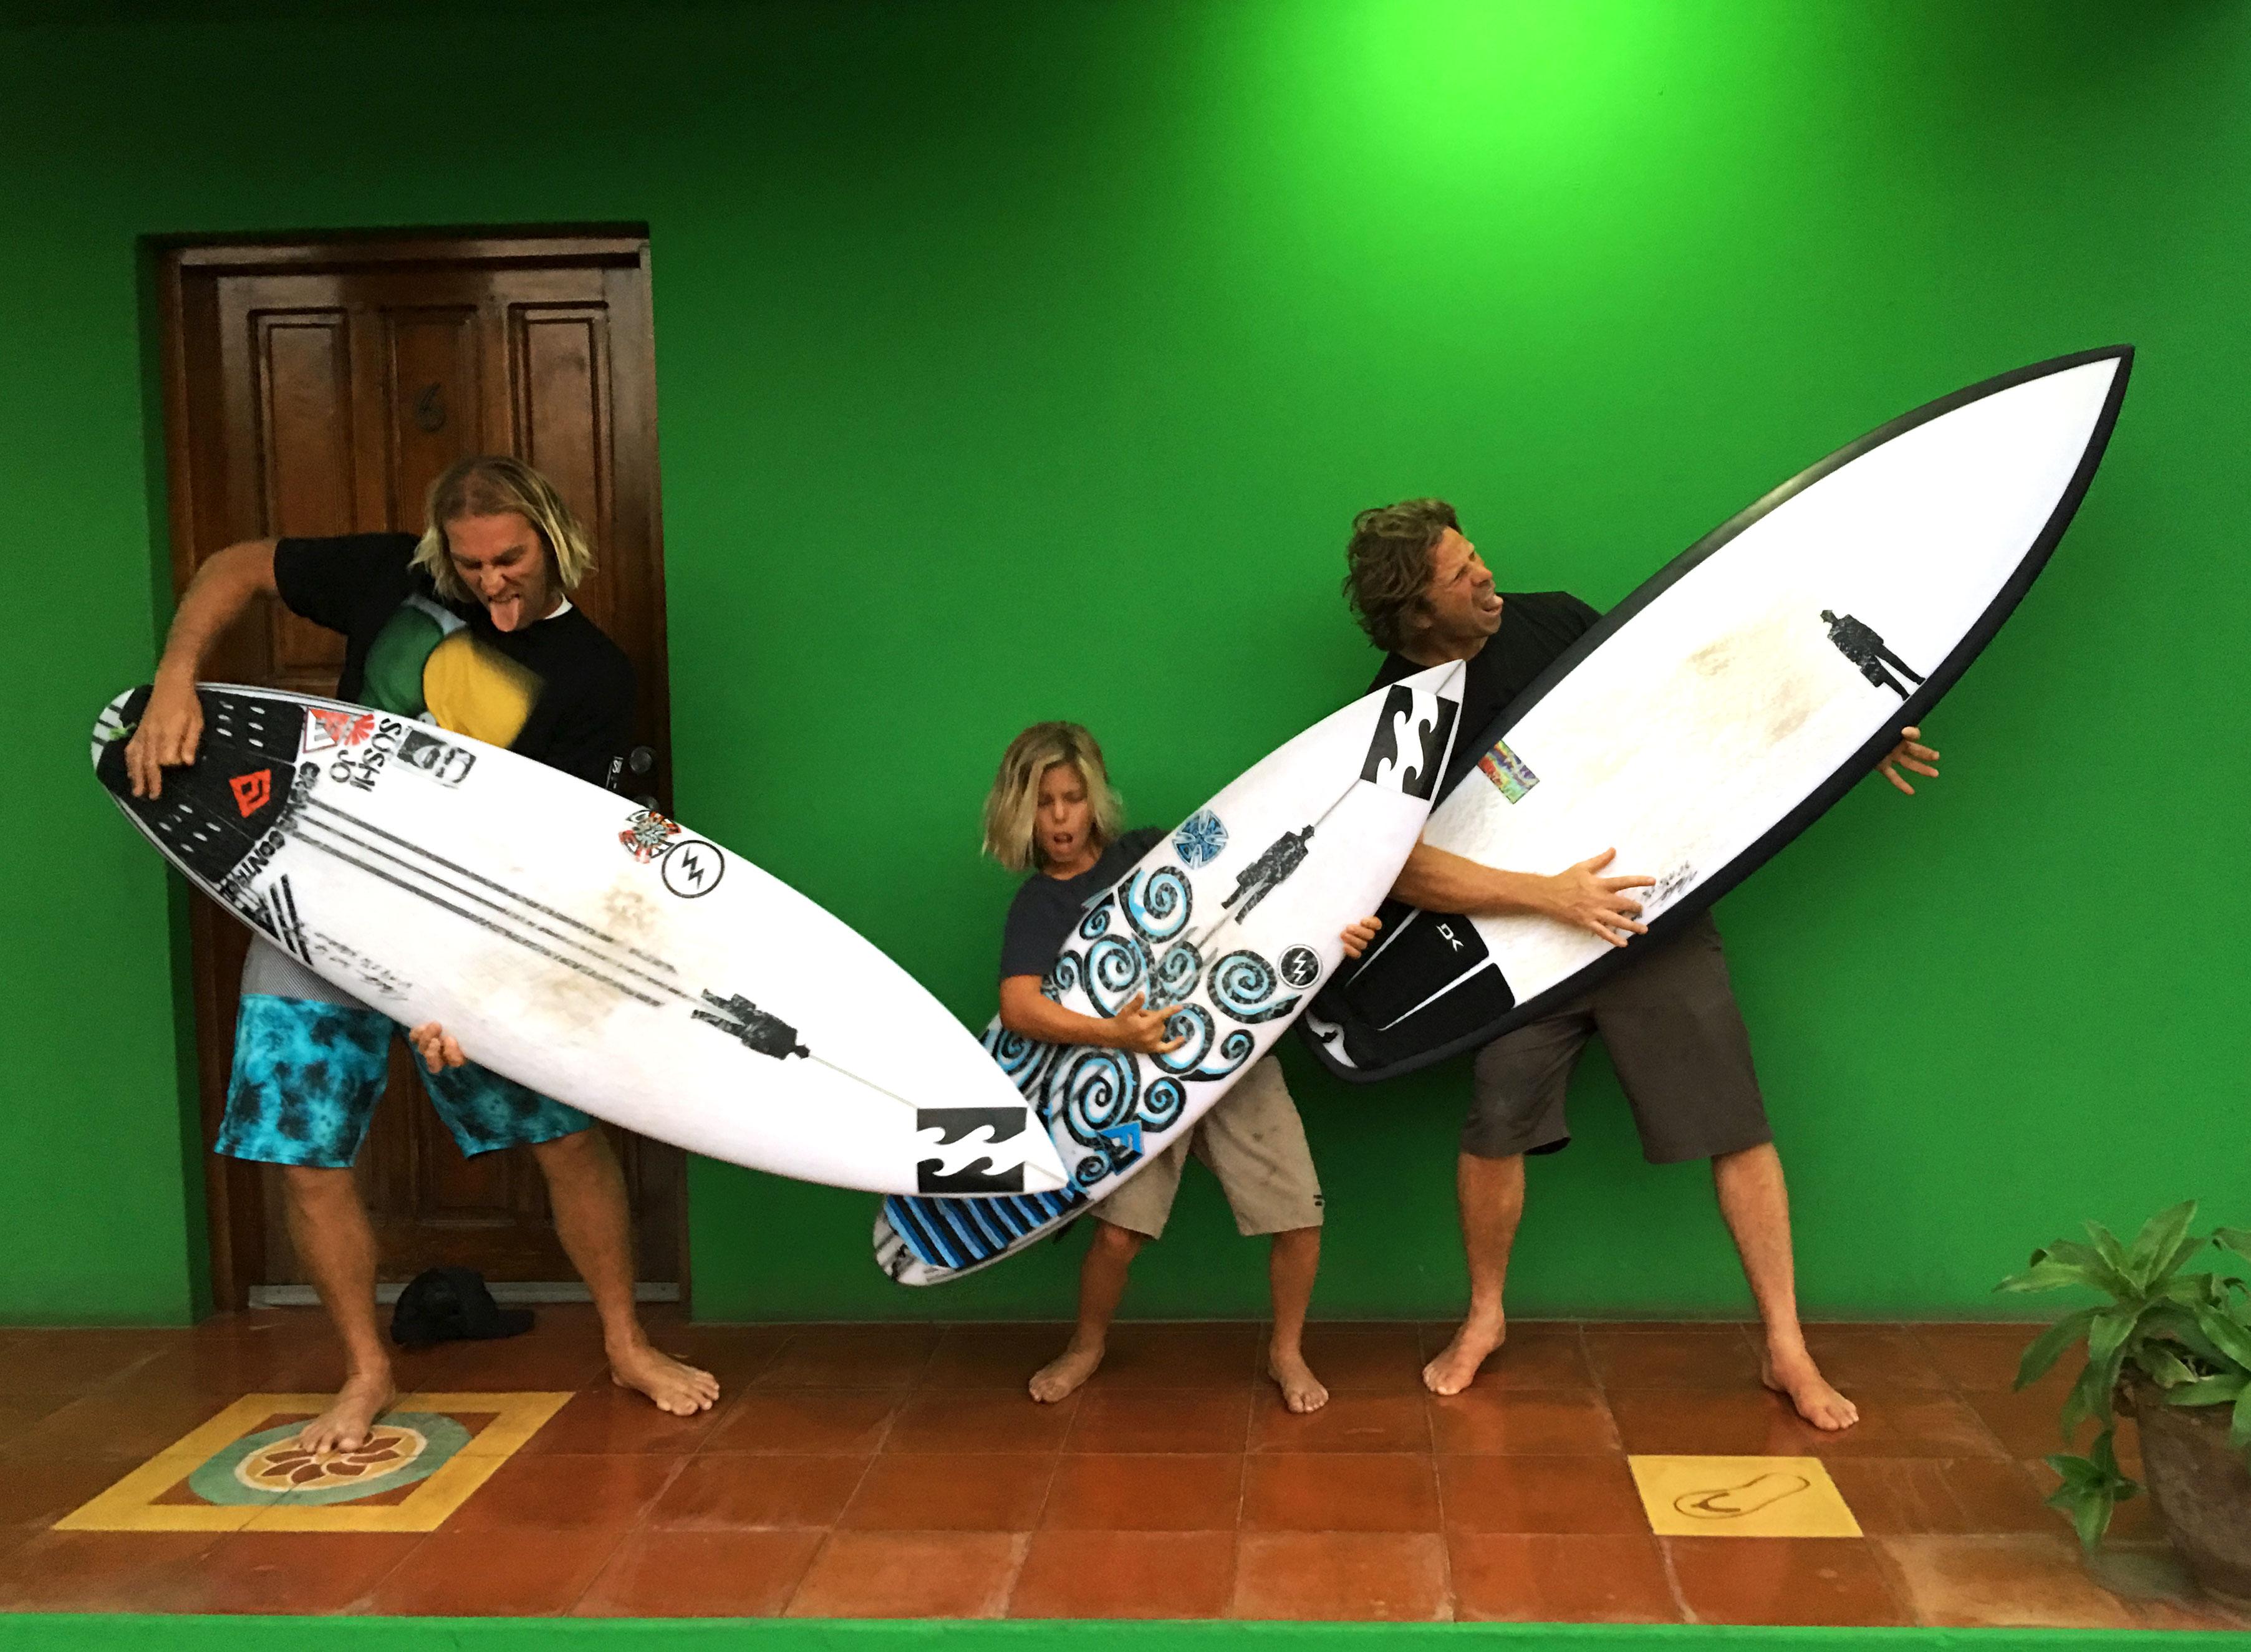 surf trips rock